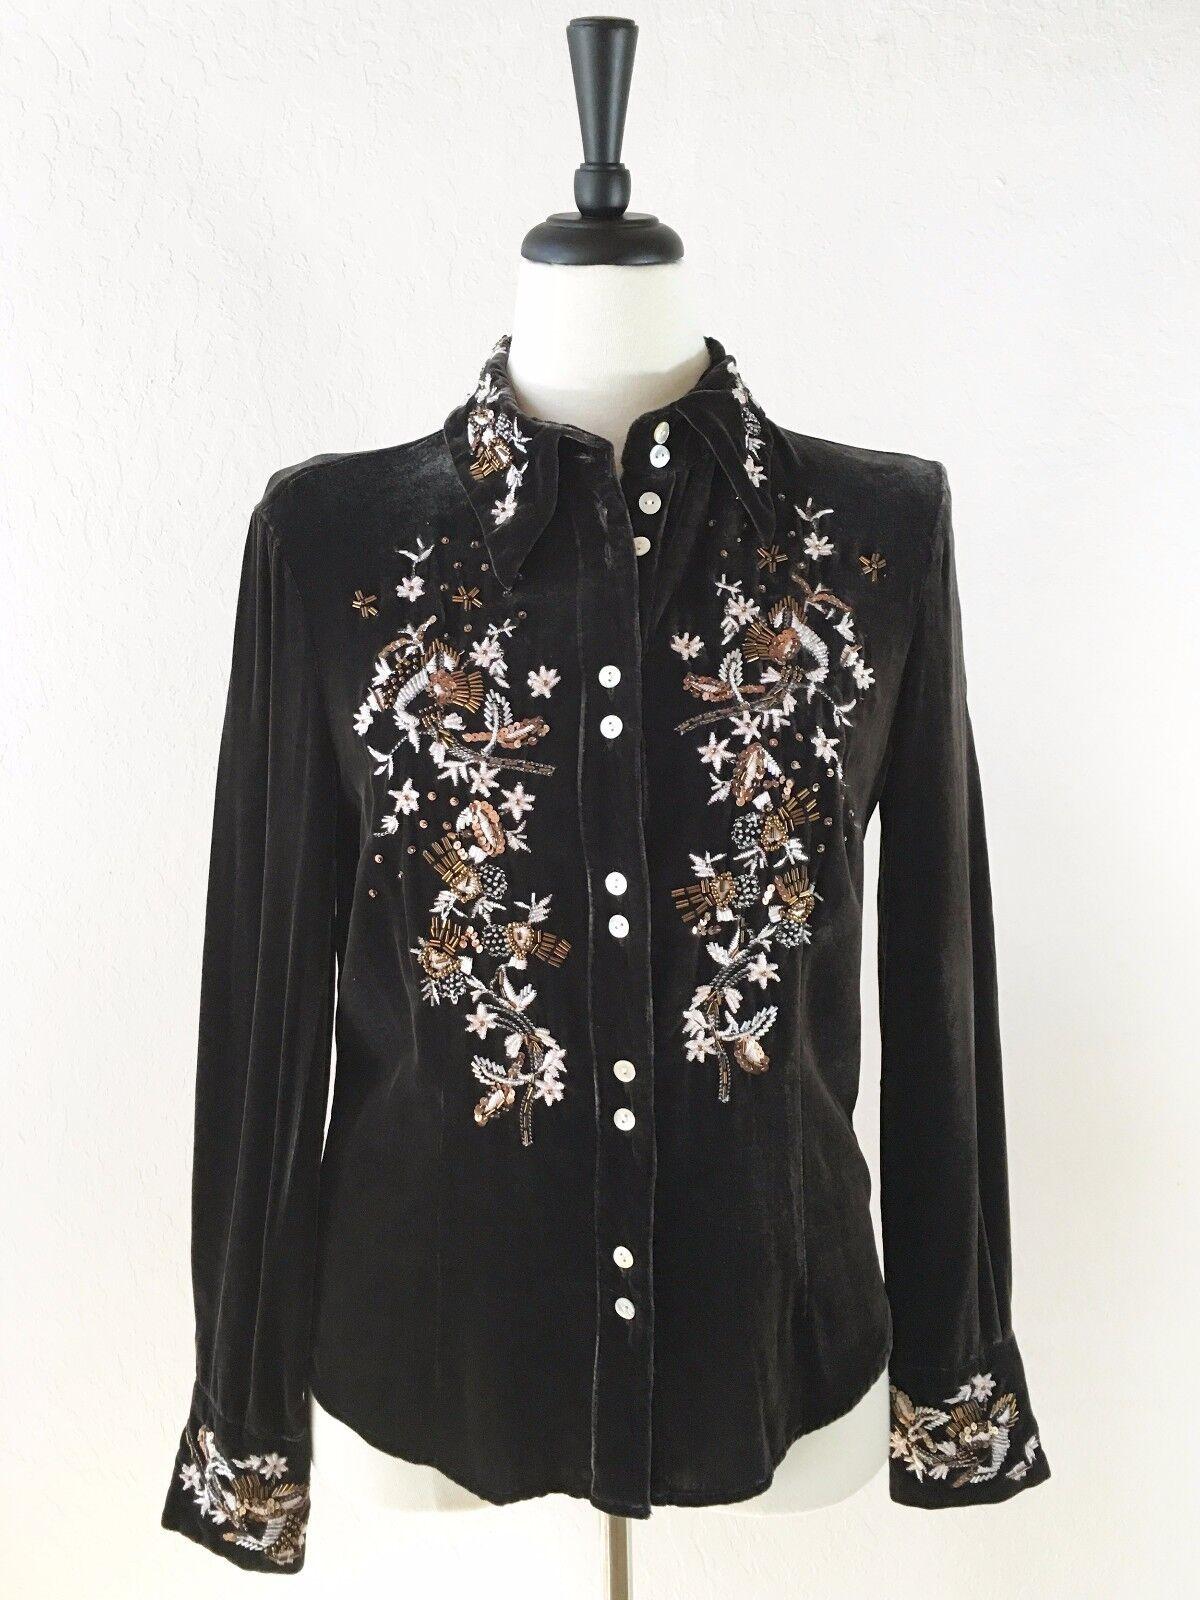 azulsa de terciopelo VOTRE NOM Vintage para  Mujer L o M marrón cuello señalado Perlas Usado En Excelente Condición  compra en línea hoy